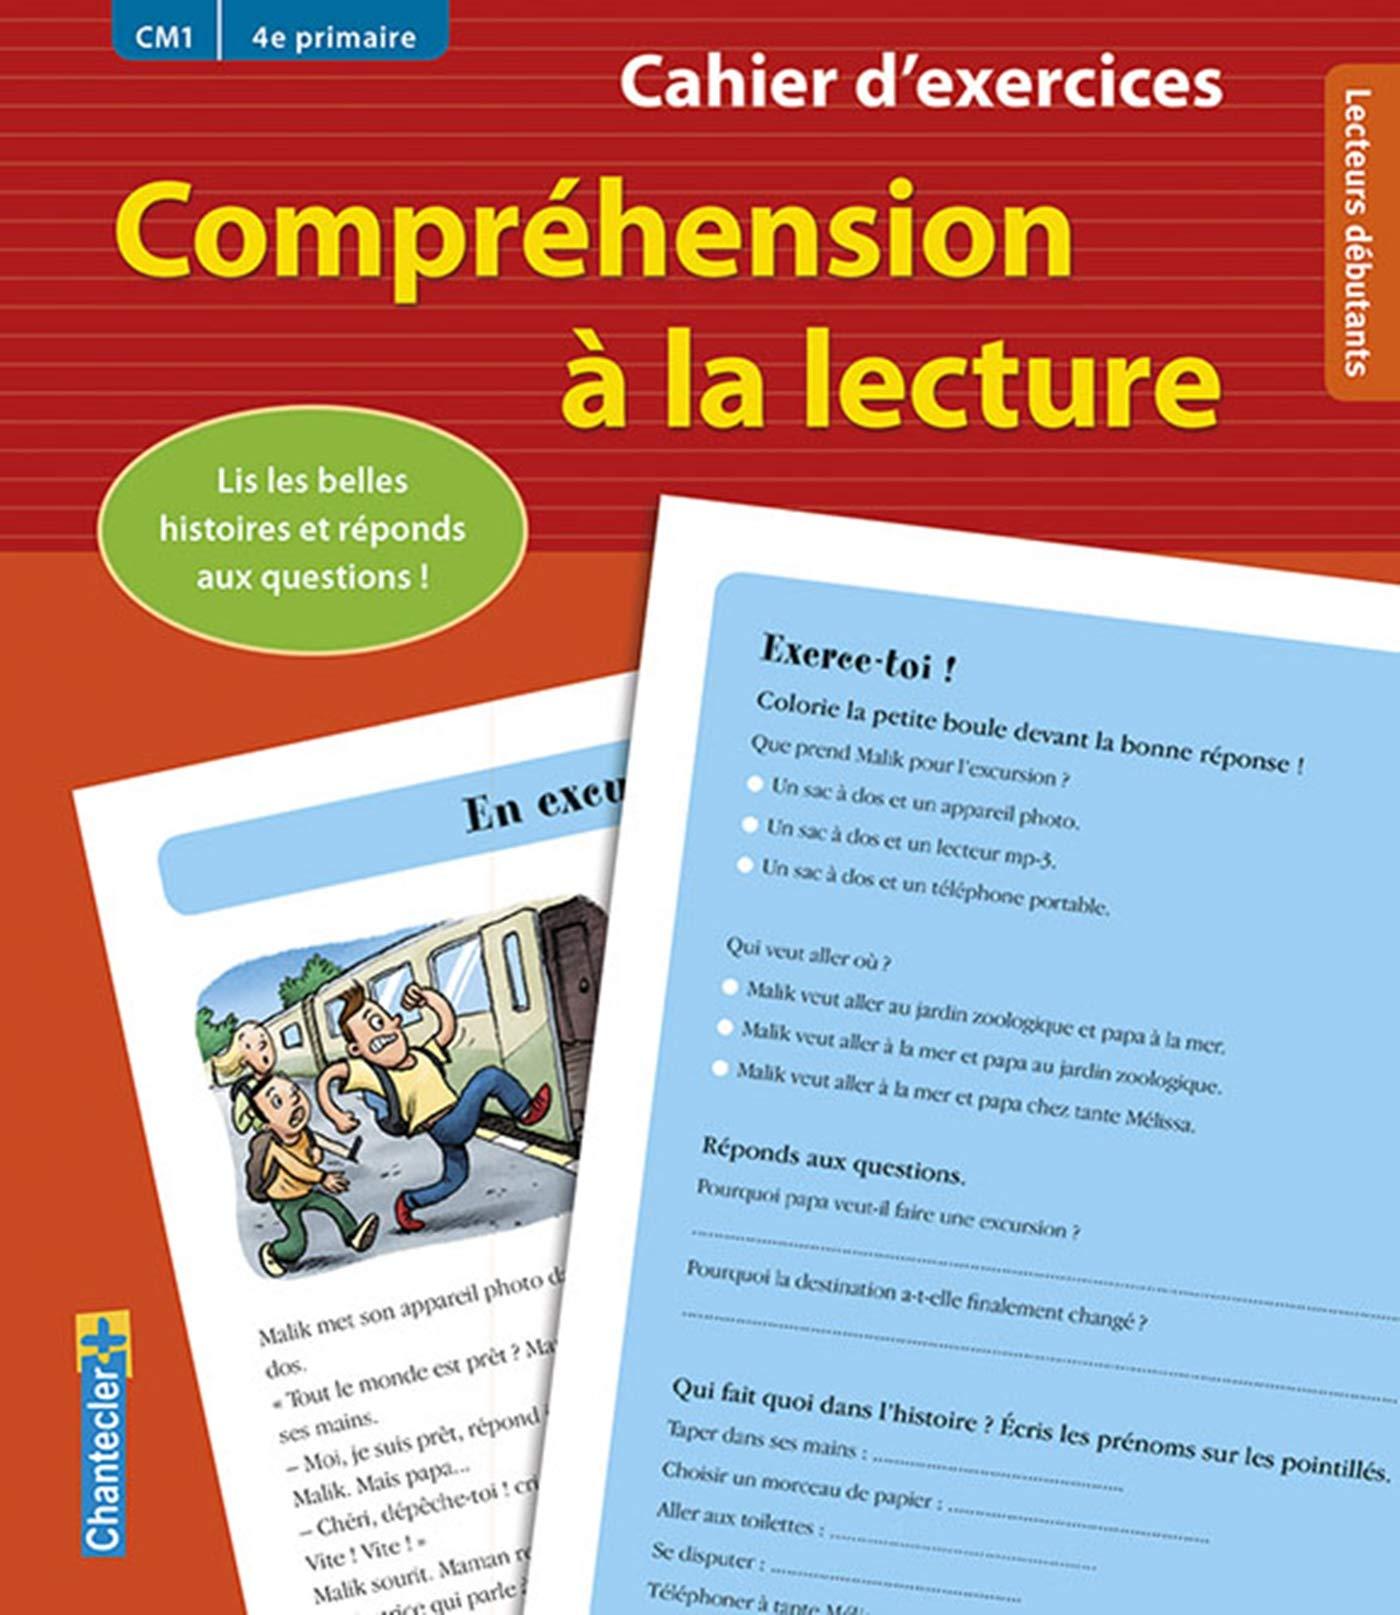 Cahier D Exercices Comprehension A La Lecture Cm1 4e P Vermeulen Moniek 9782803456611 Elementary Education Amazon Canada